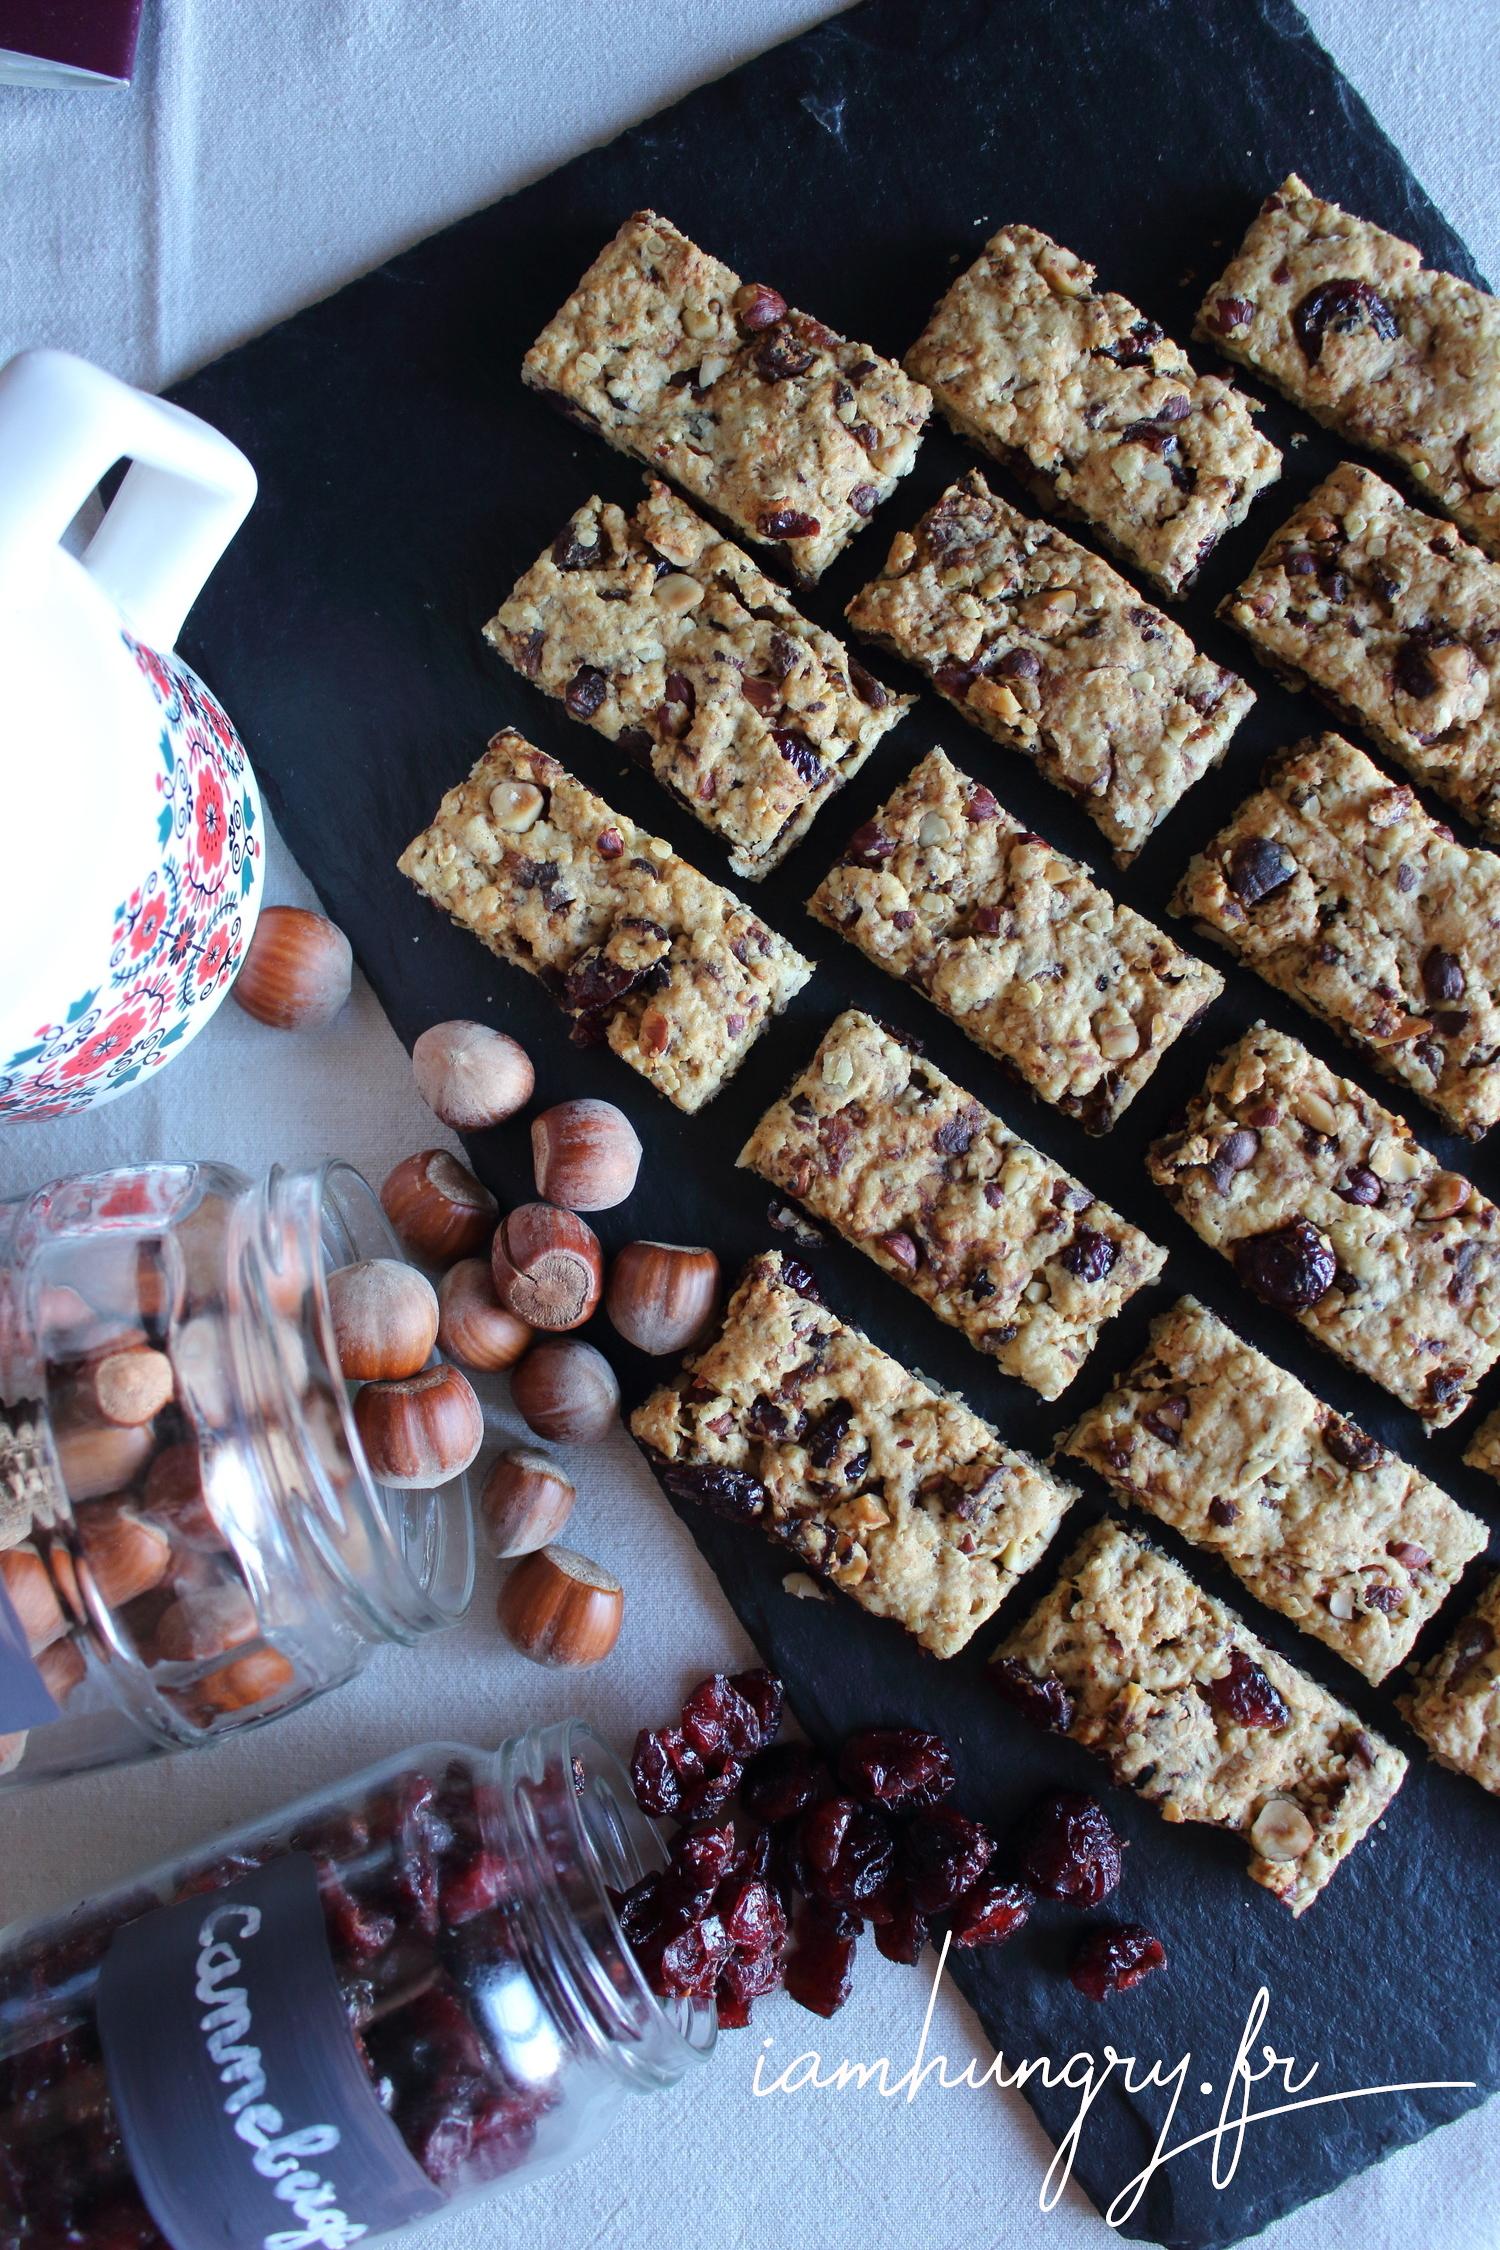 Petits biscuits aux fruits secs